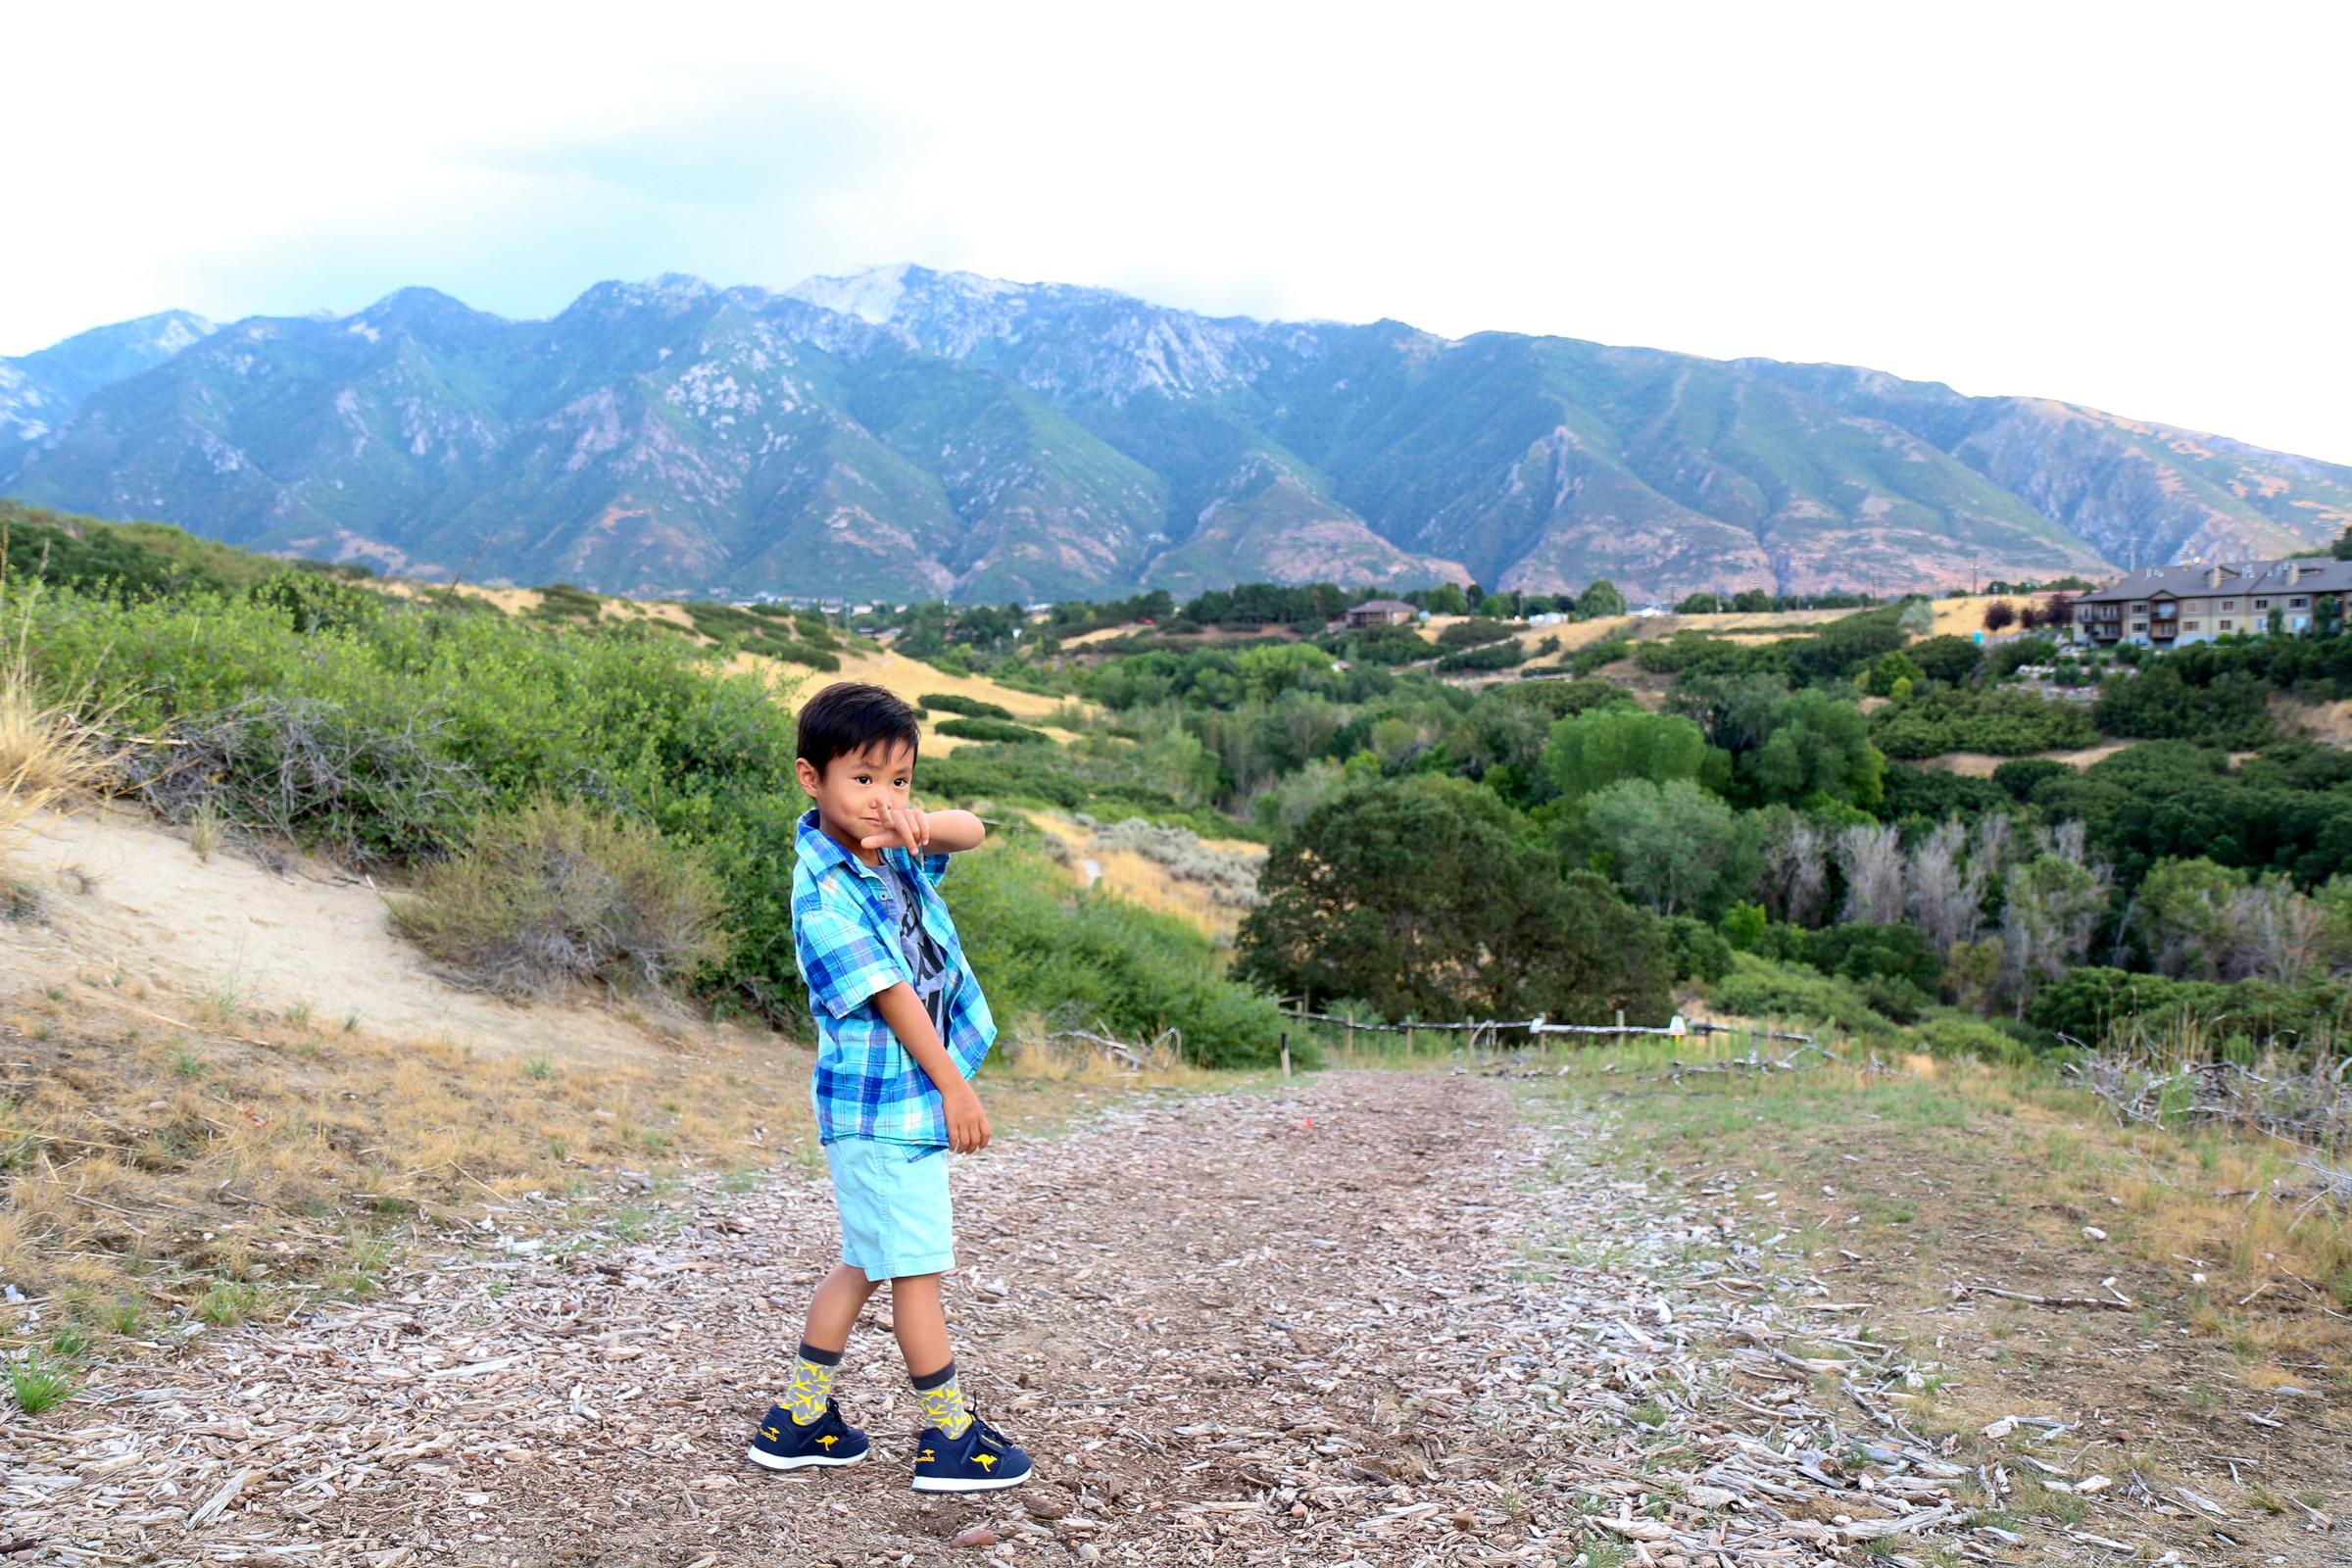 Boy wearing KangaROOS from Payless